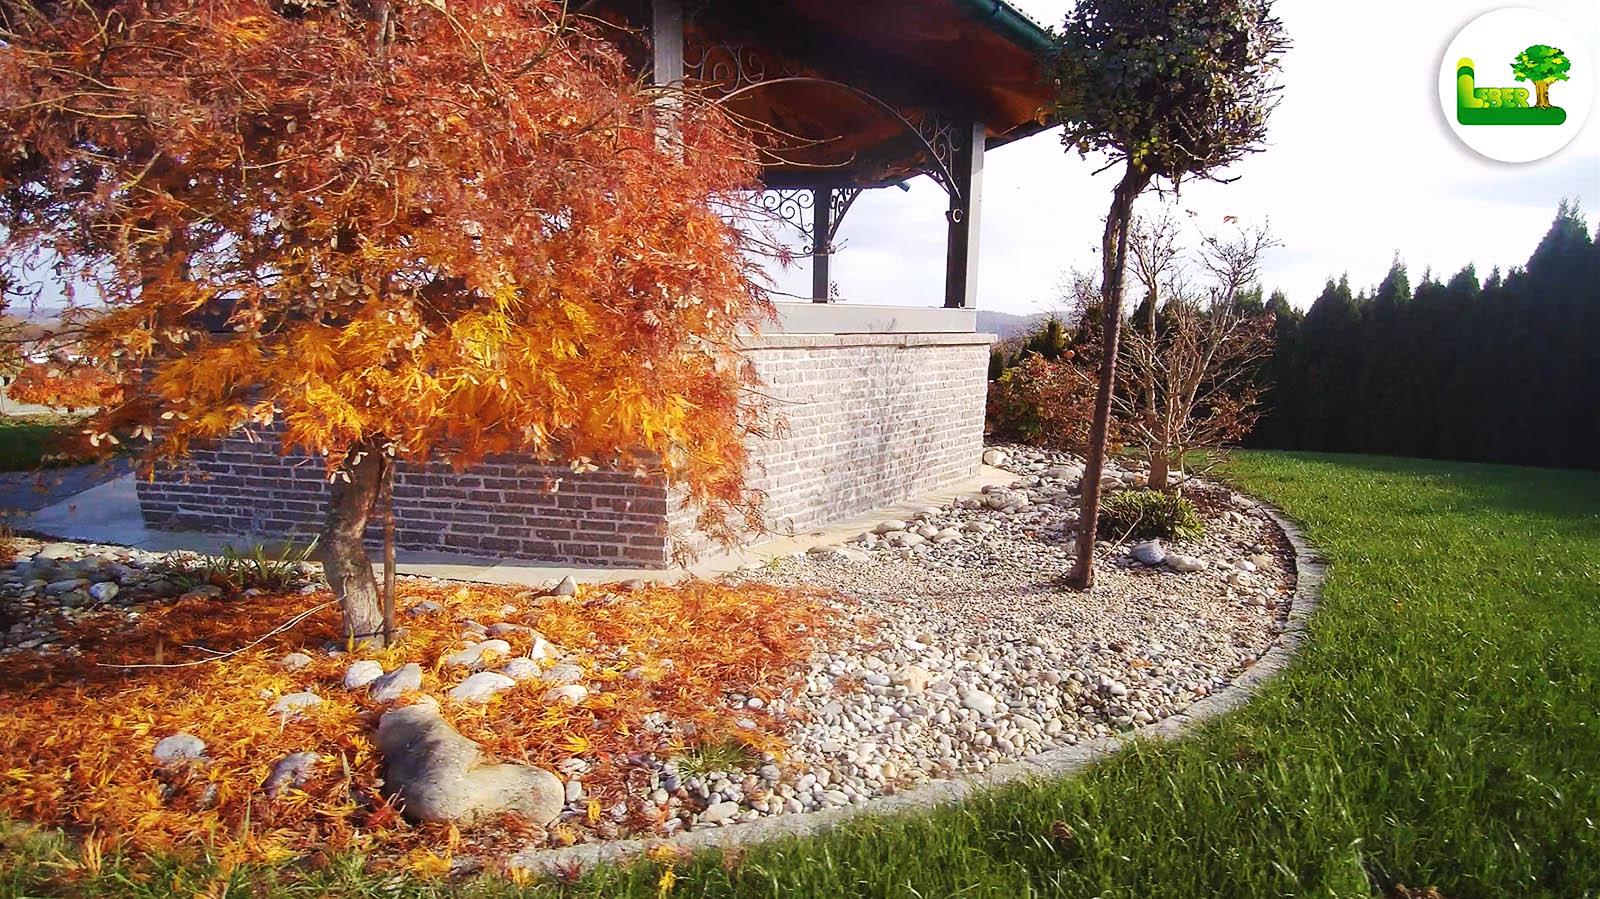 Titelbild: Die Schönheit des Herbstes.